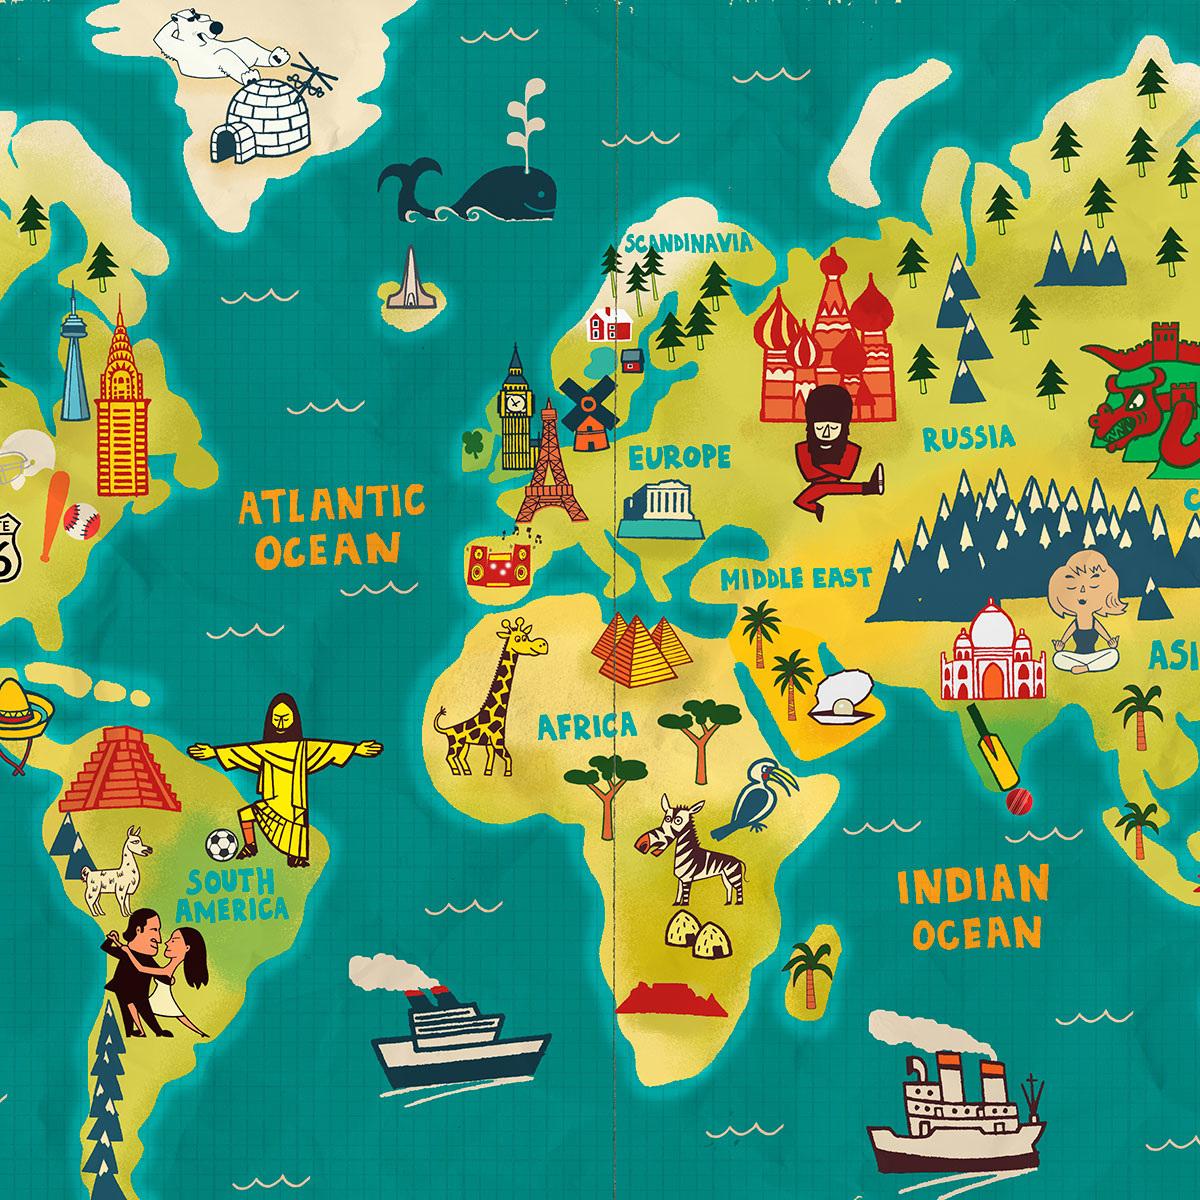 Открытка марта, картинки прикольные карта мира